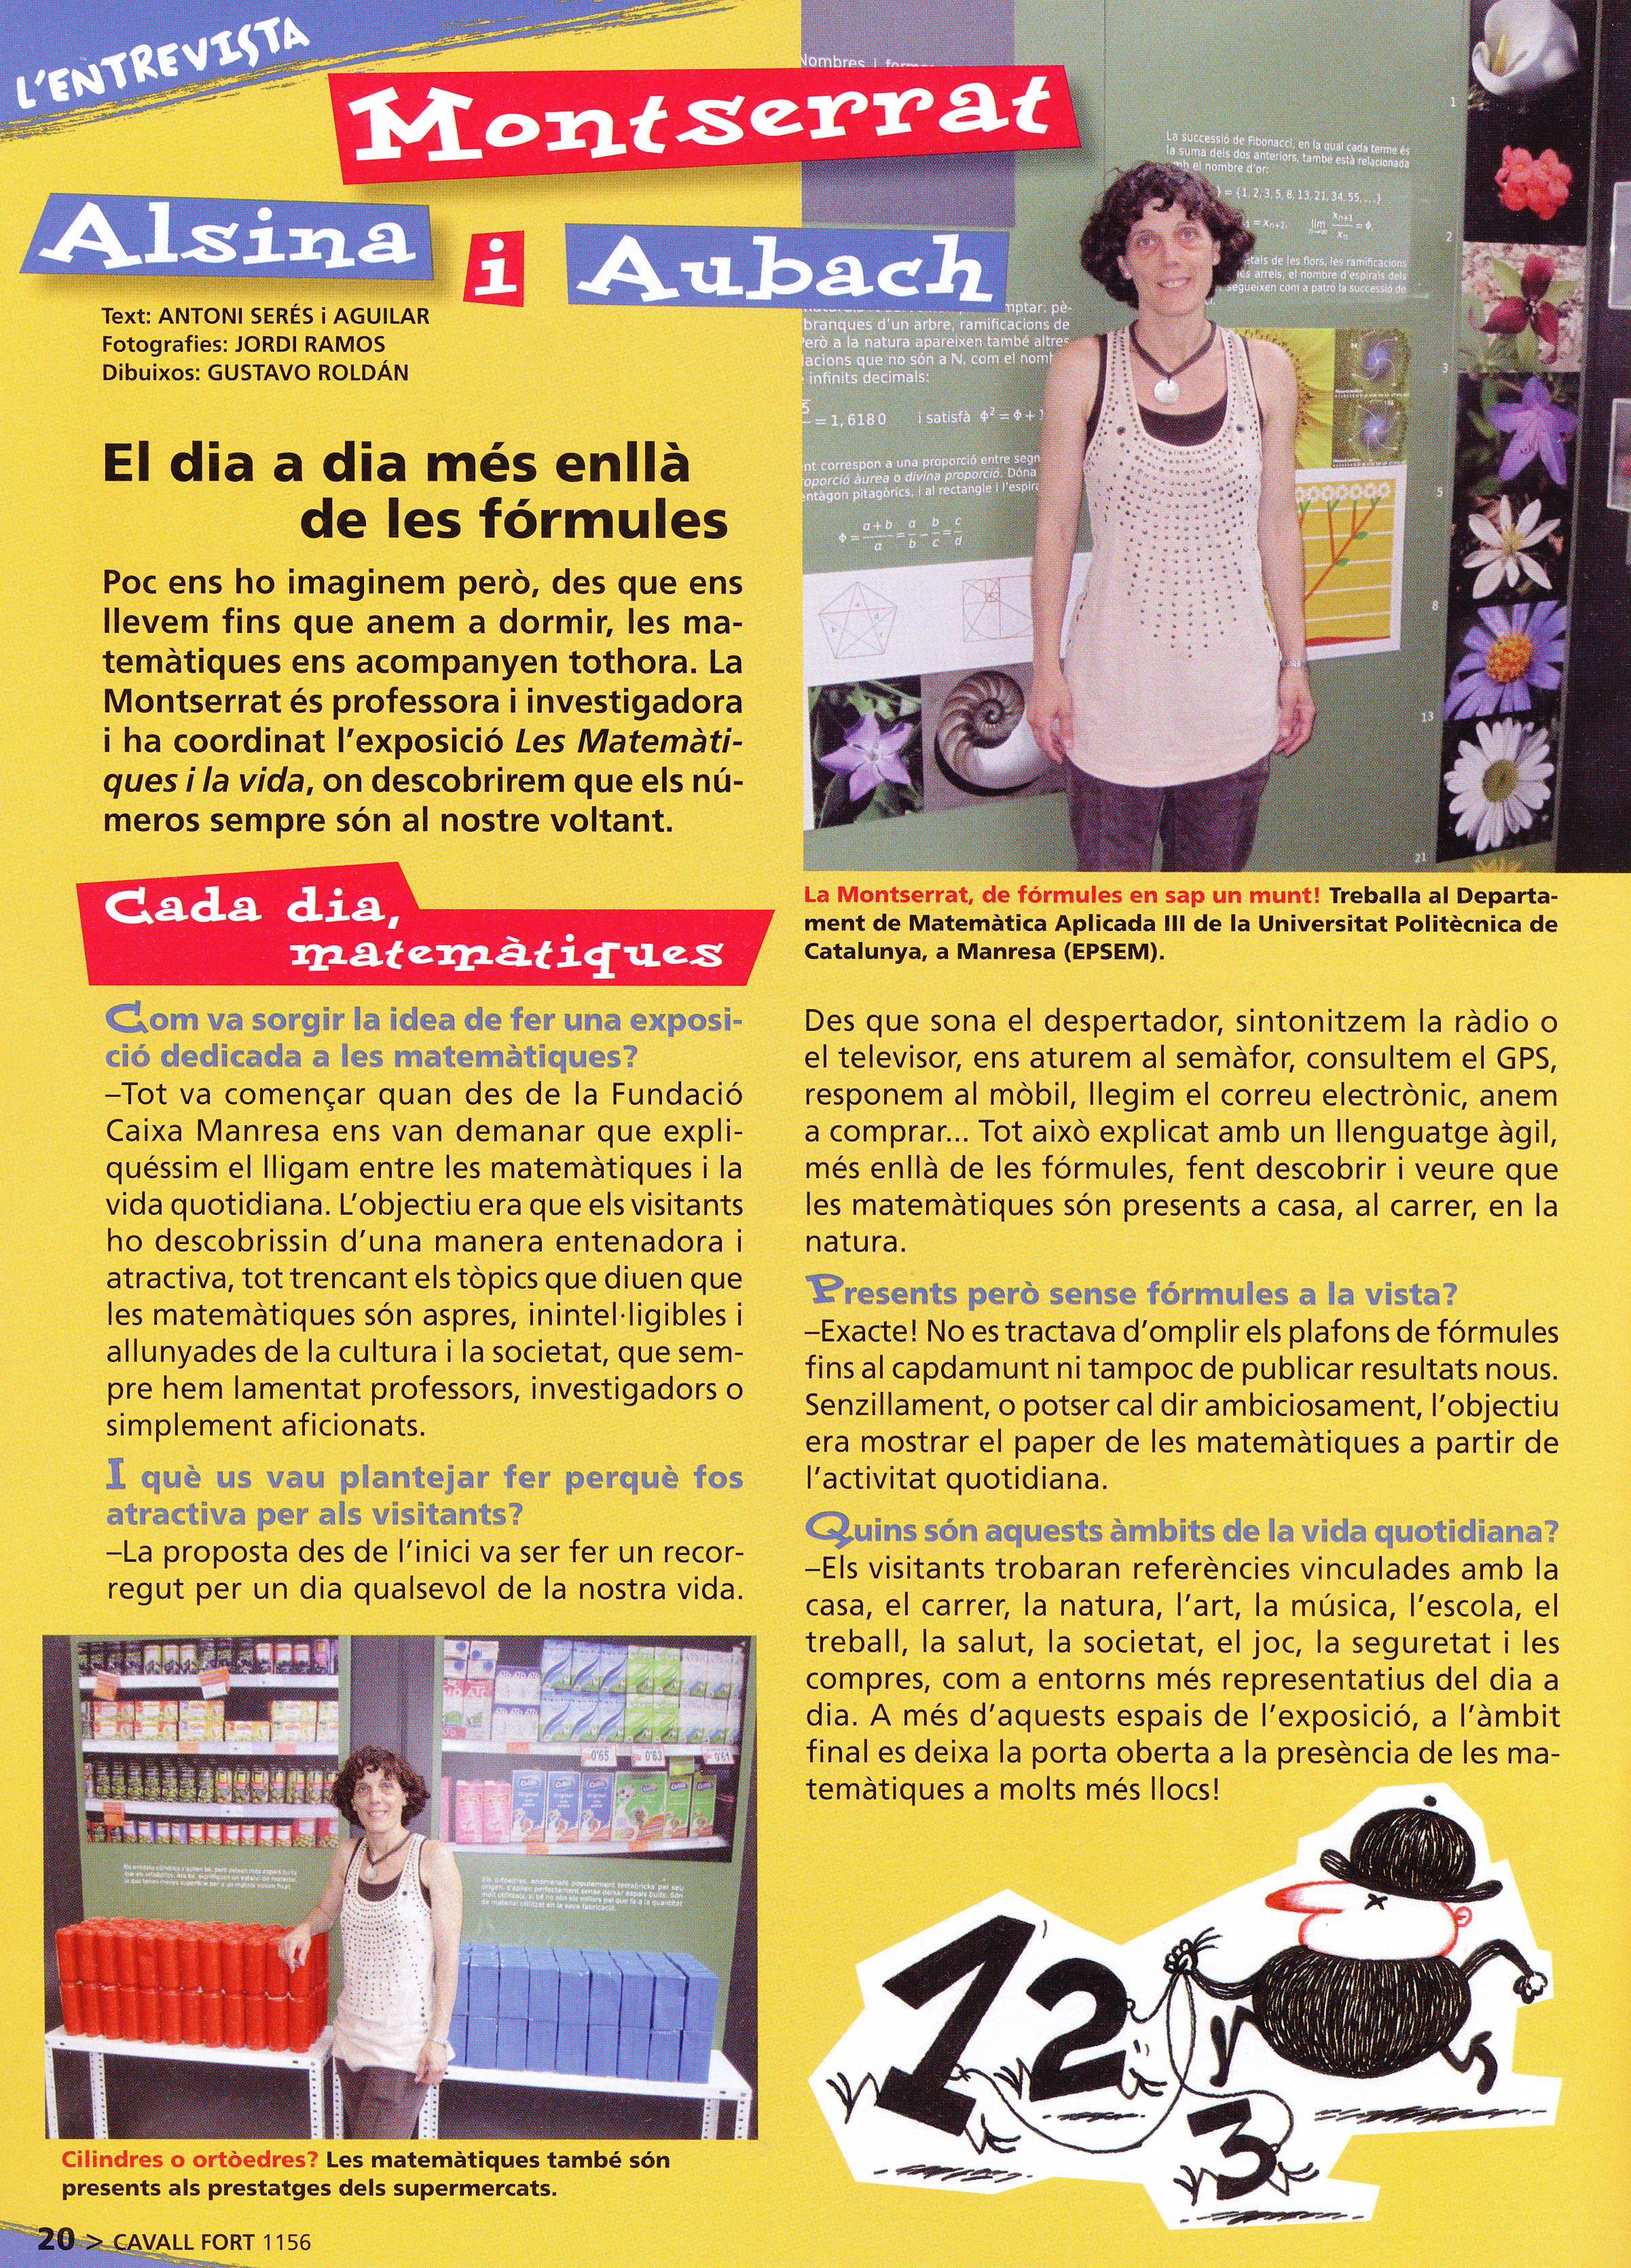 cf_entrevista1